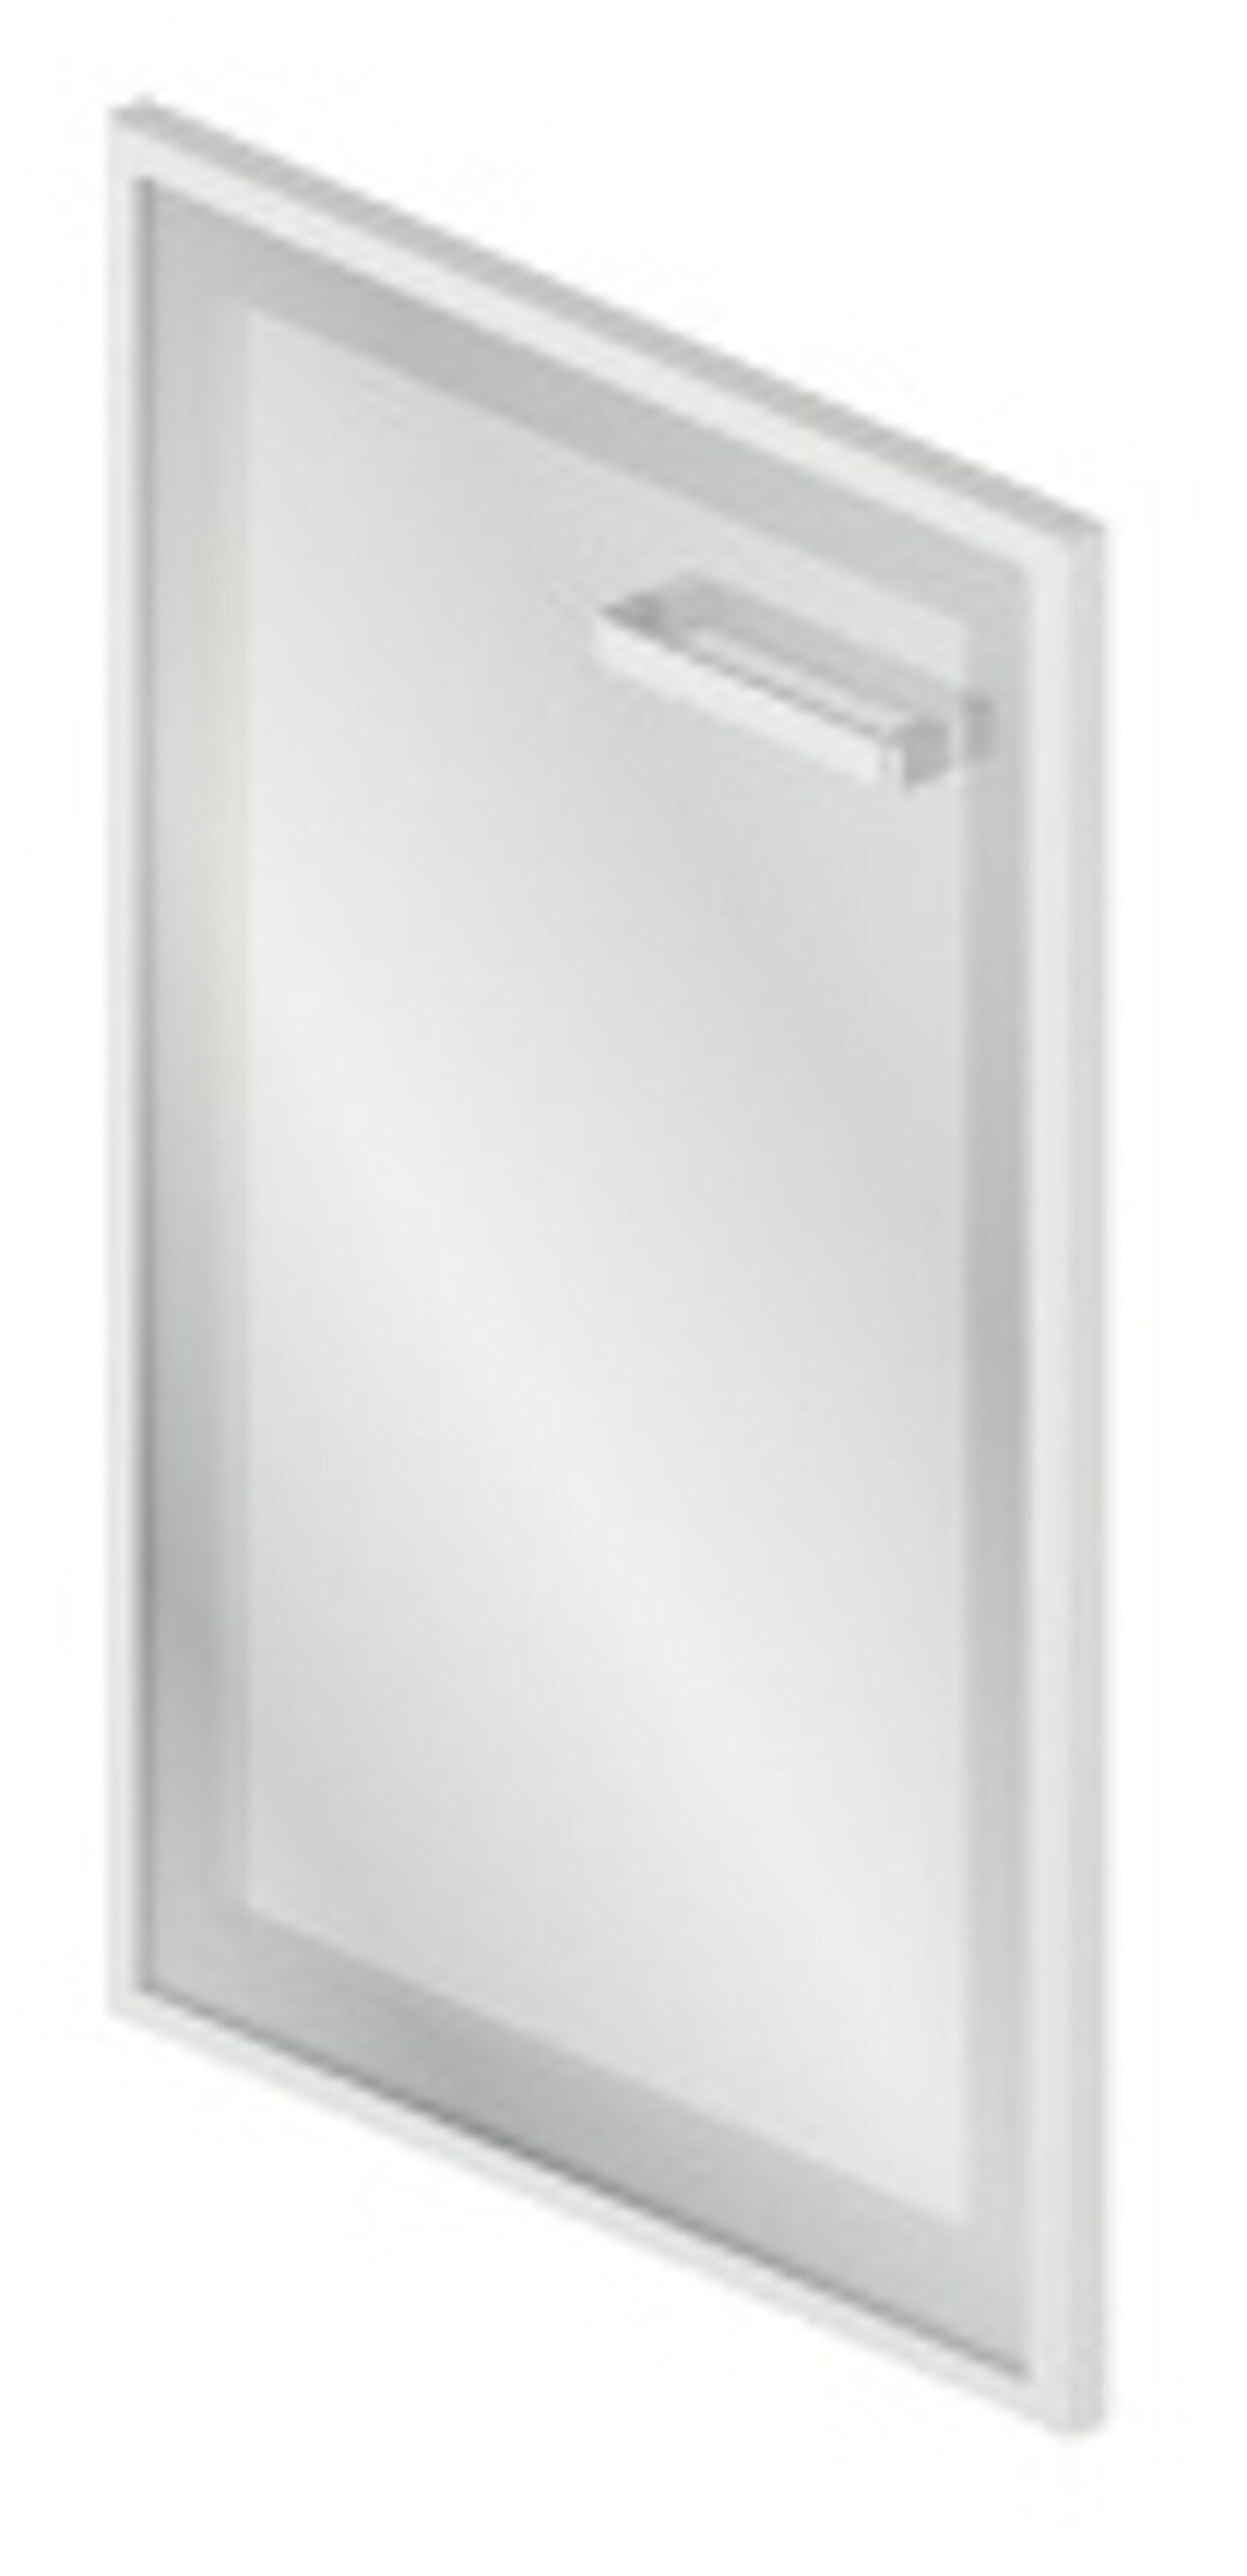 Дверь стеклянная в МДФ-рамке левая - фото 3